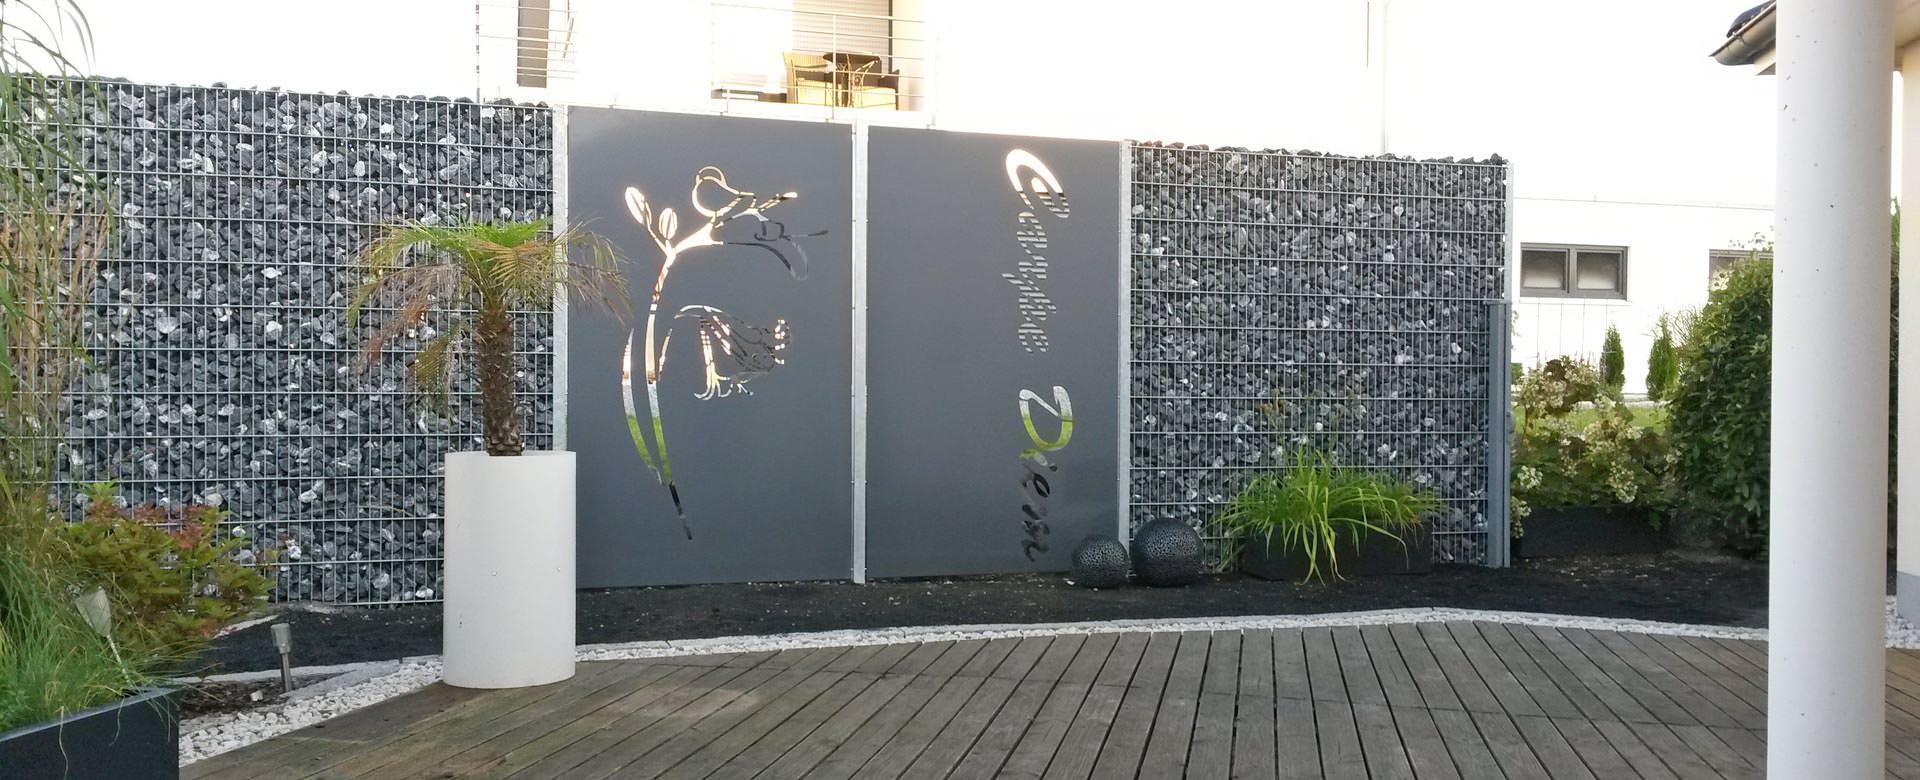 23 Neu Rostelemente Garten Garten Deko